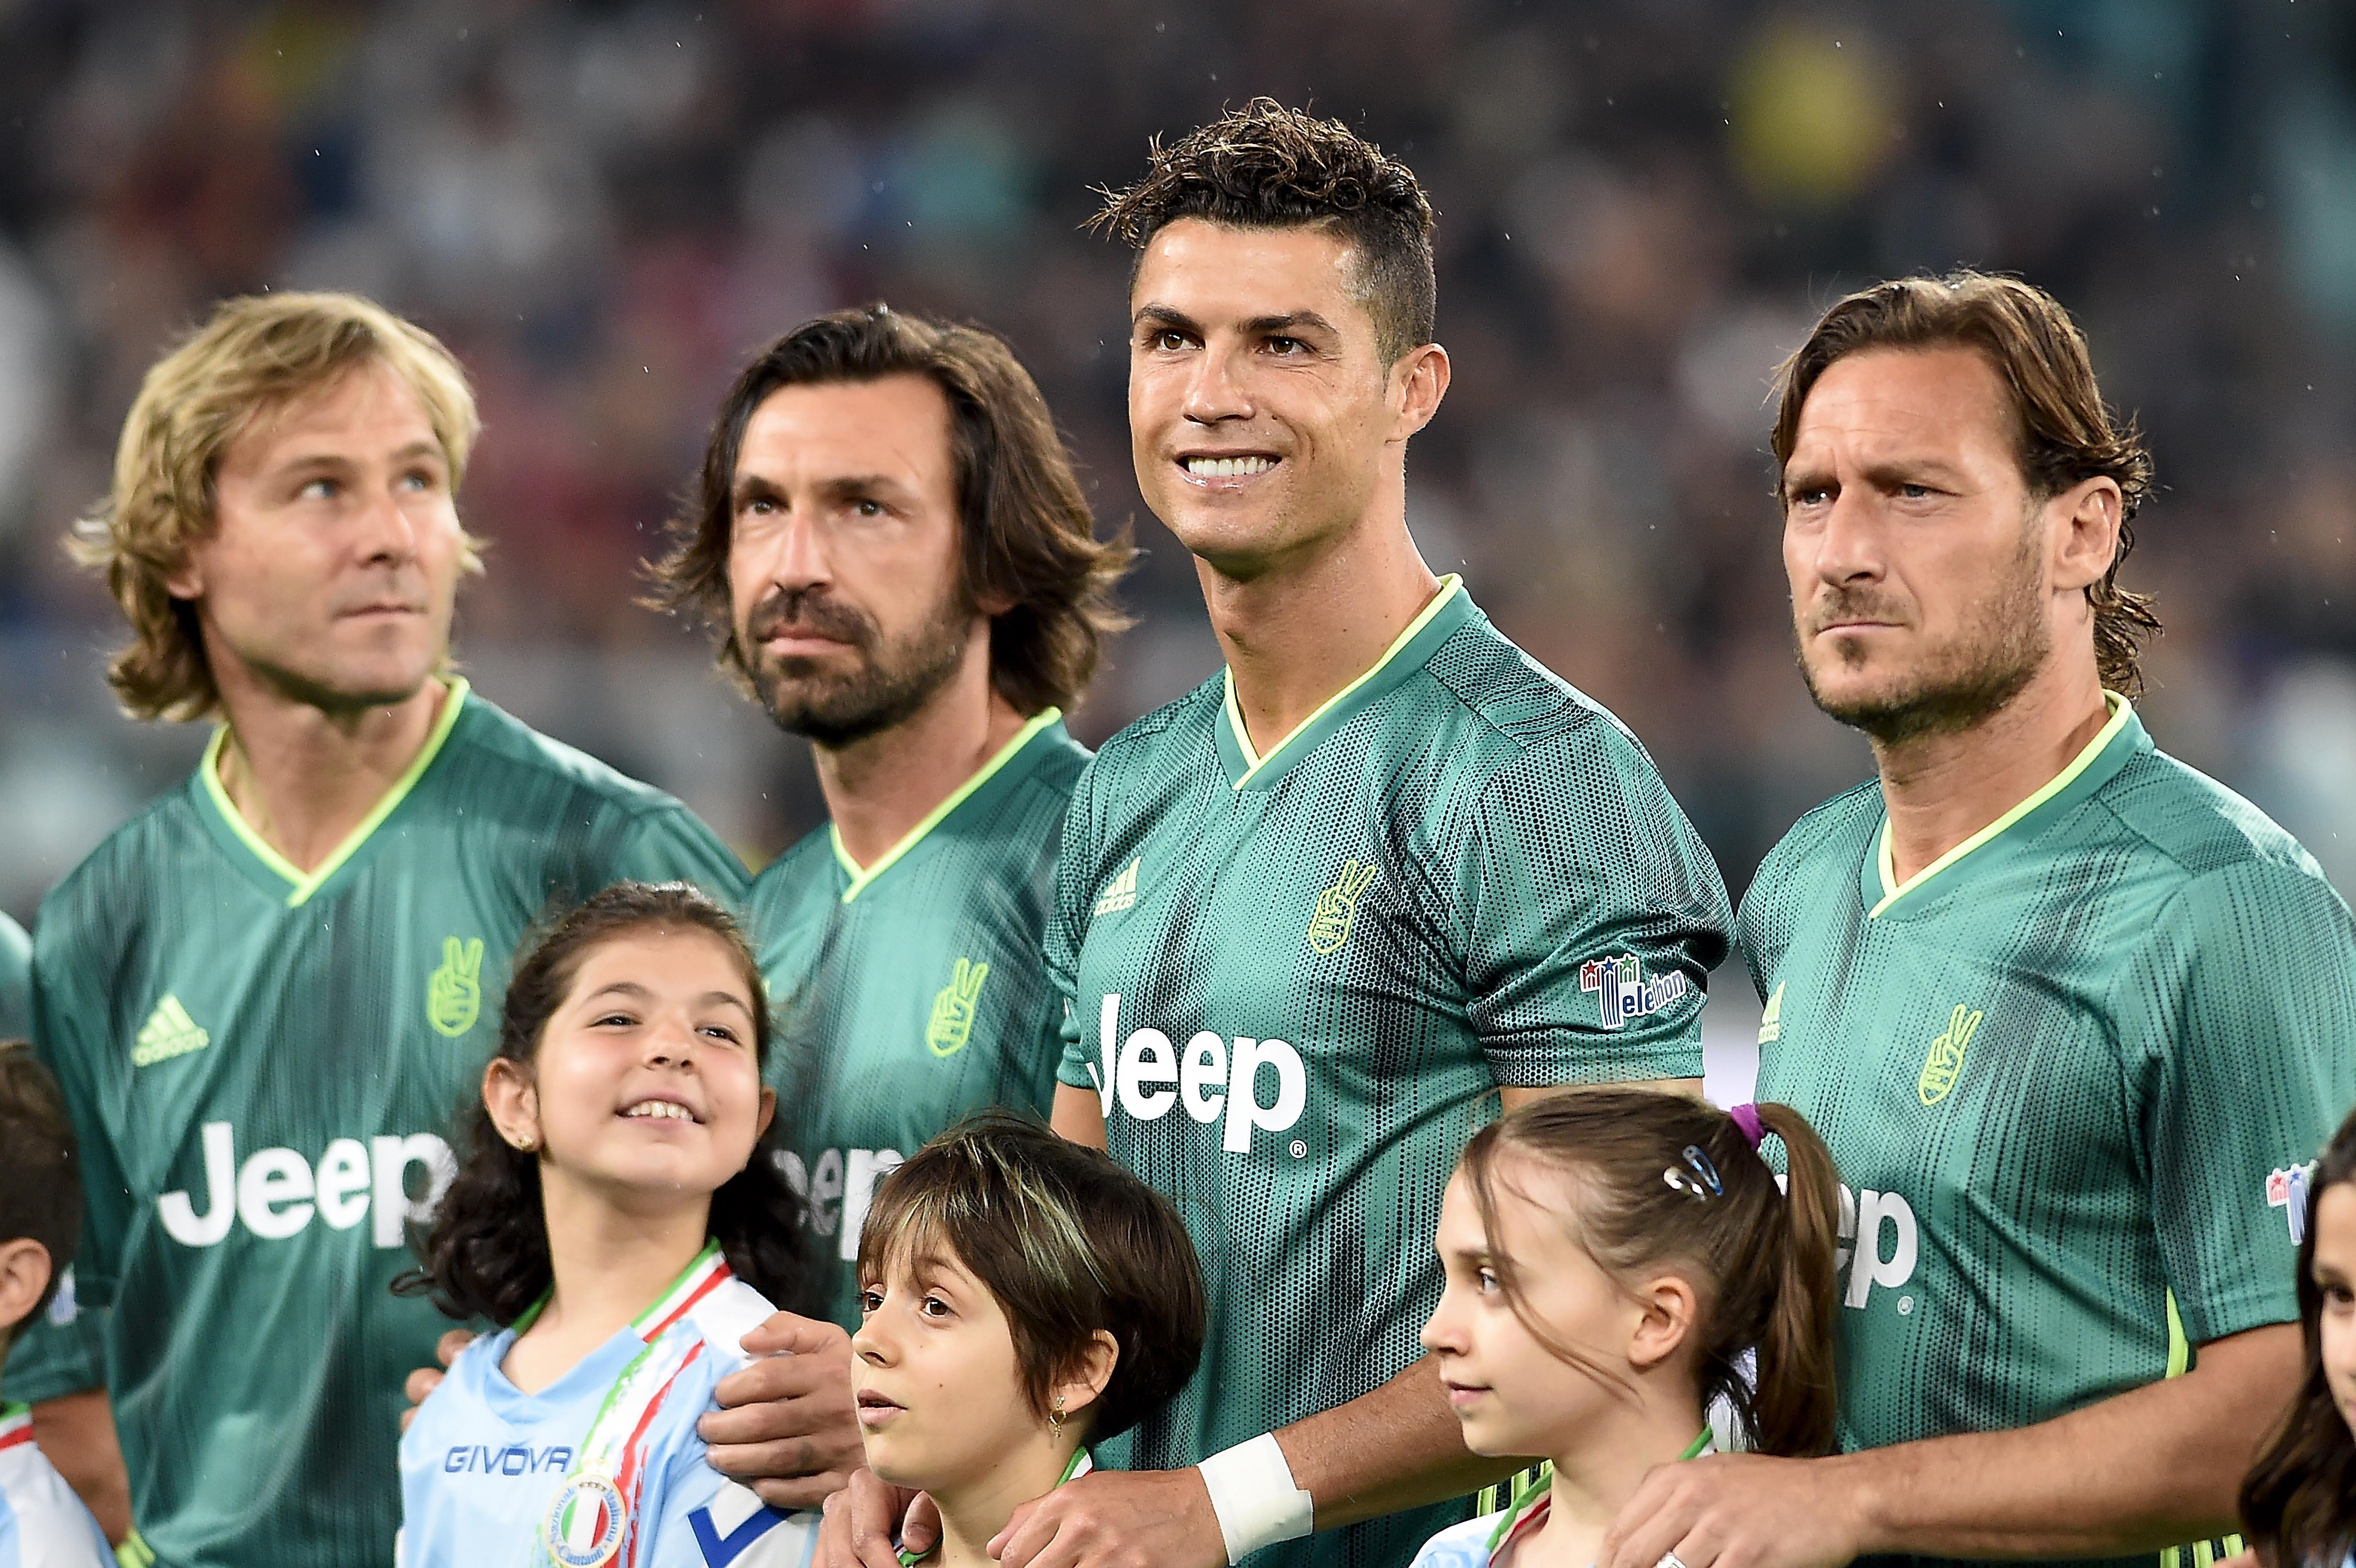 Parata di stelle alla Partita del Cuore 2019 andata in scena all'Allianz Stadium. Cristiano Ronaldo insieme a Totti, oltre al ritorno a Torino di Buffon e Pirlo e al cambio di